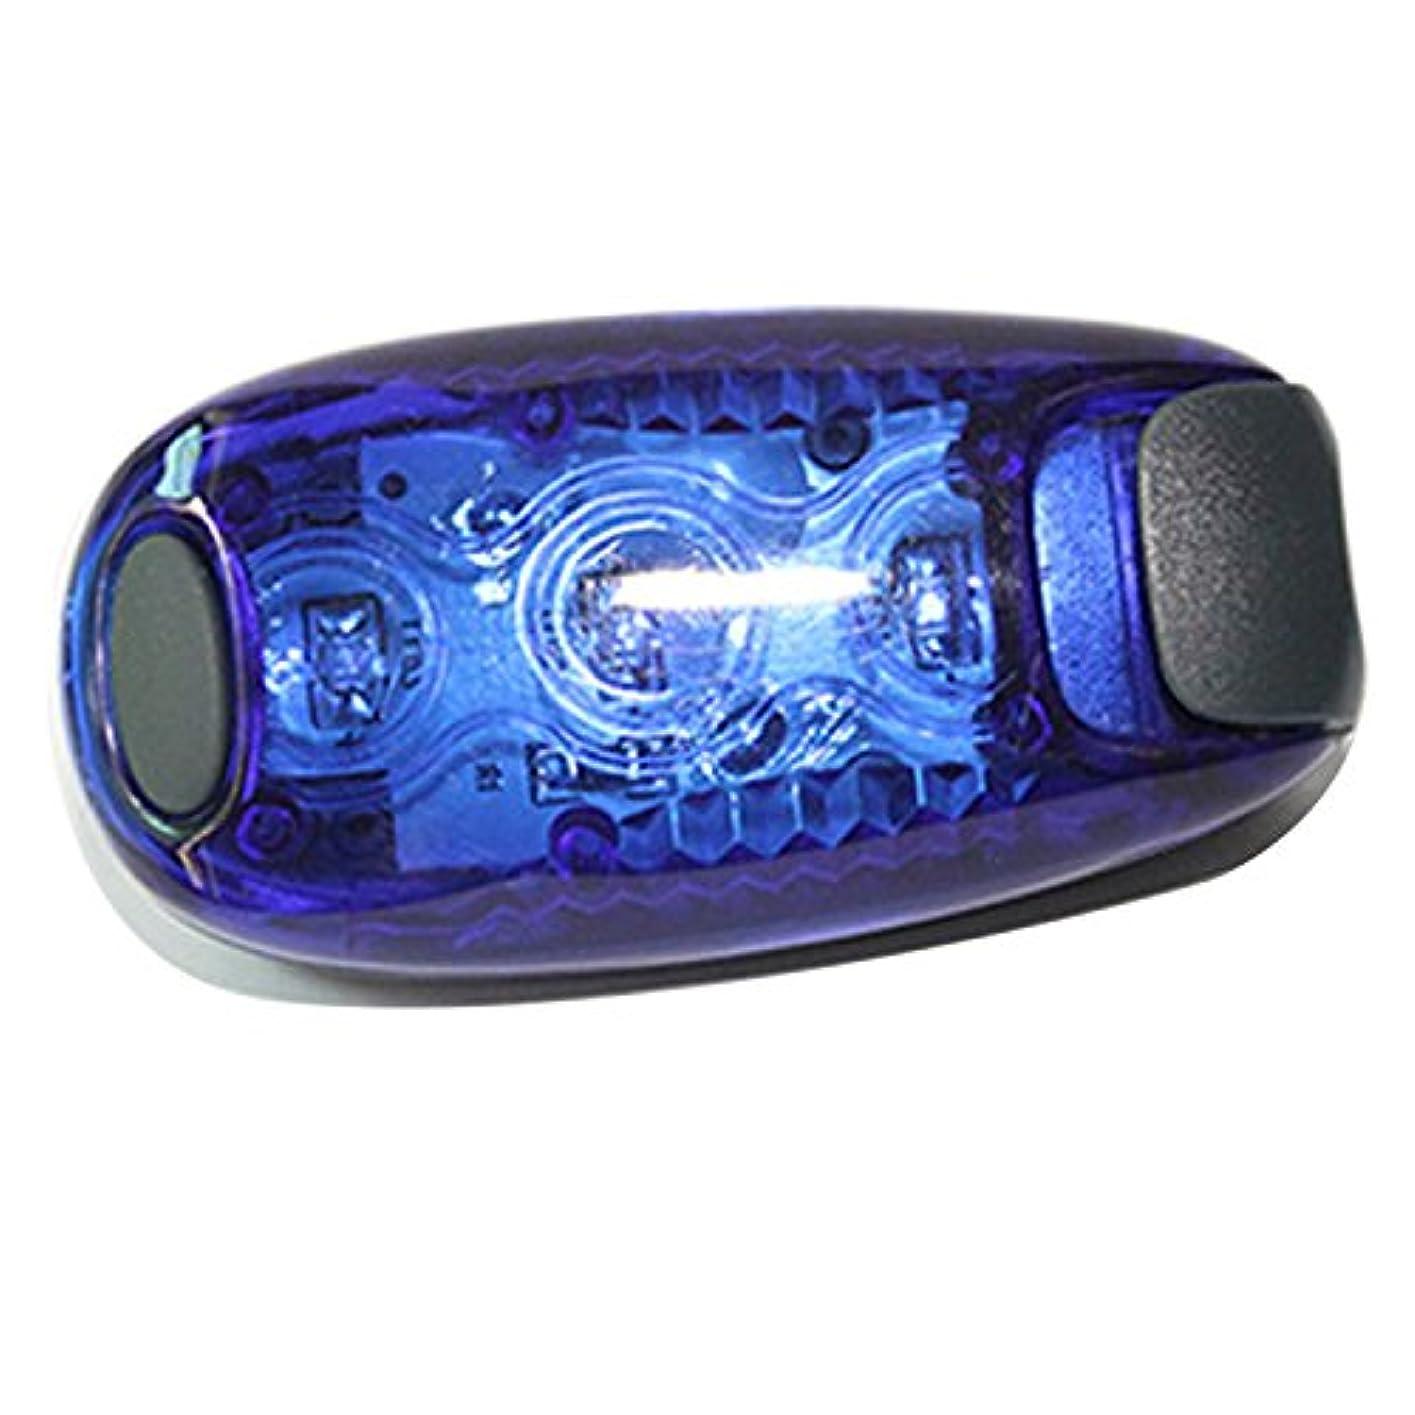 手のひら愛する欠陥Zhaozhe LEDテールライト セーフティライト クリップ式 安全警告灯